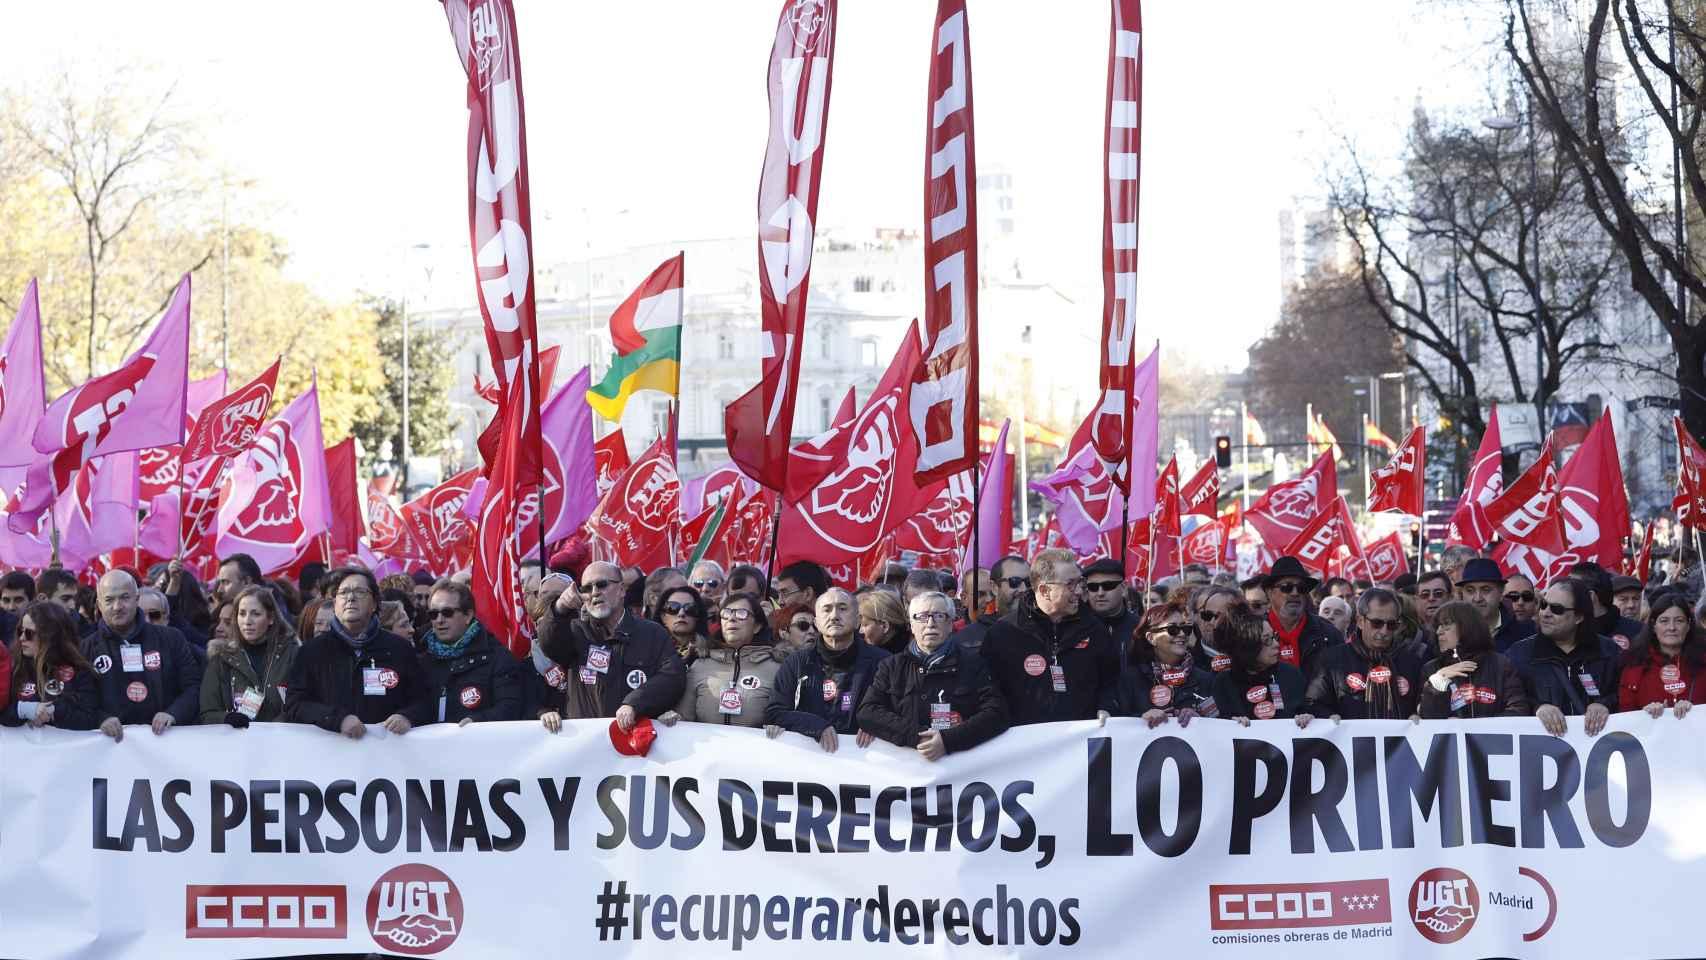 Vista general de la cabecera de la manifestación.